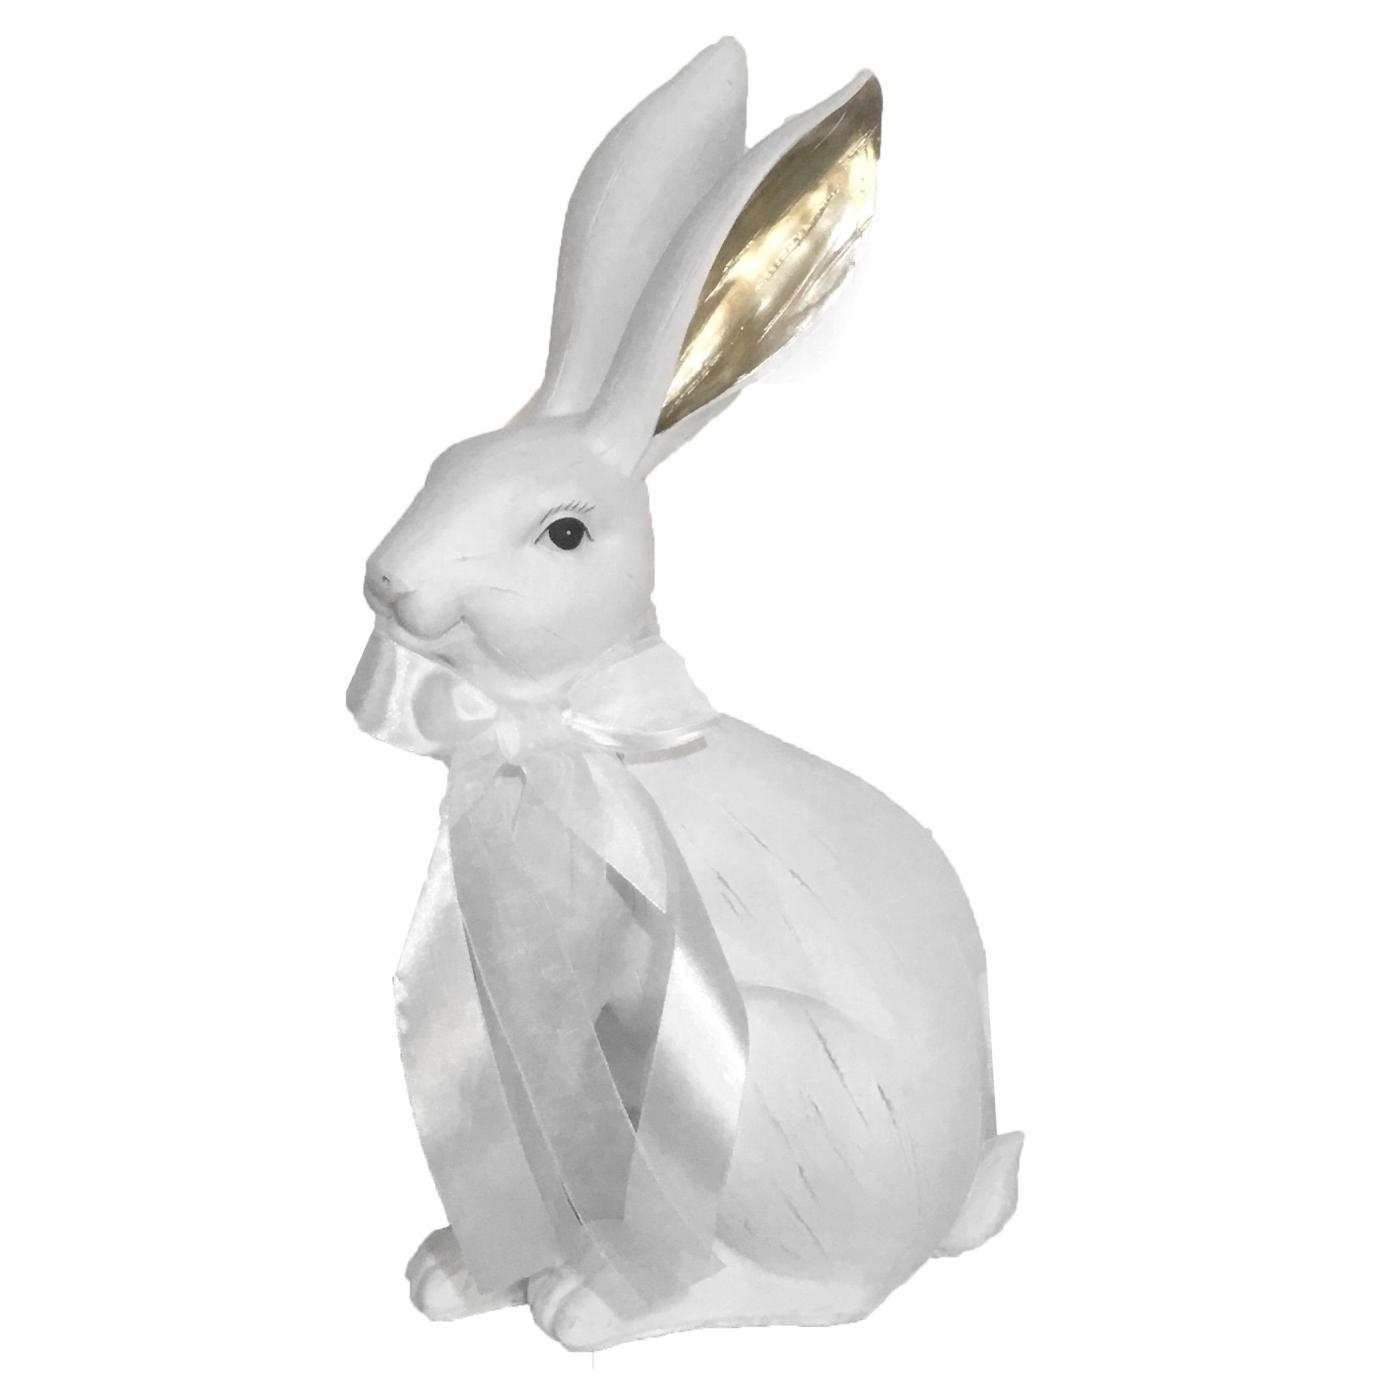 Hase mit Schleife, weiß/gold, 36 cm